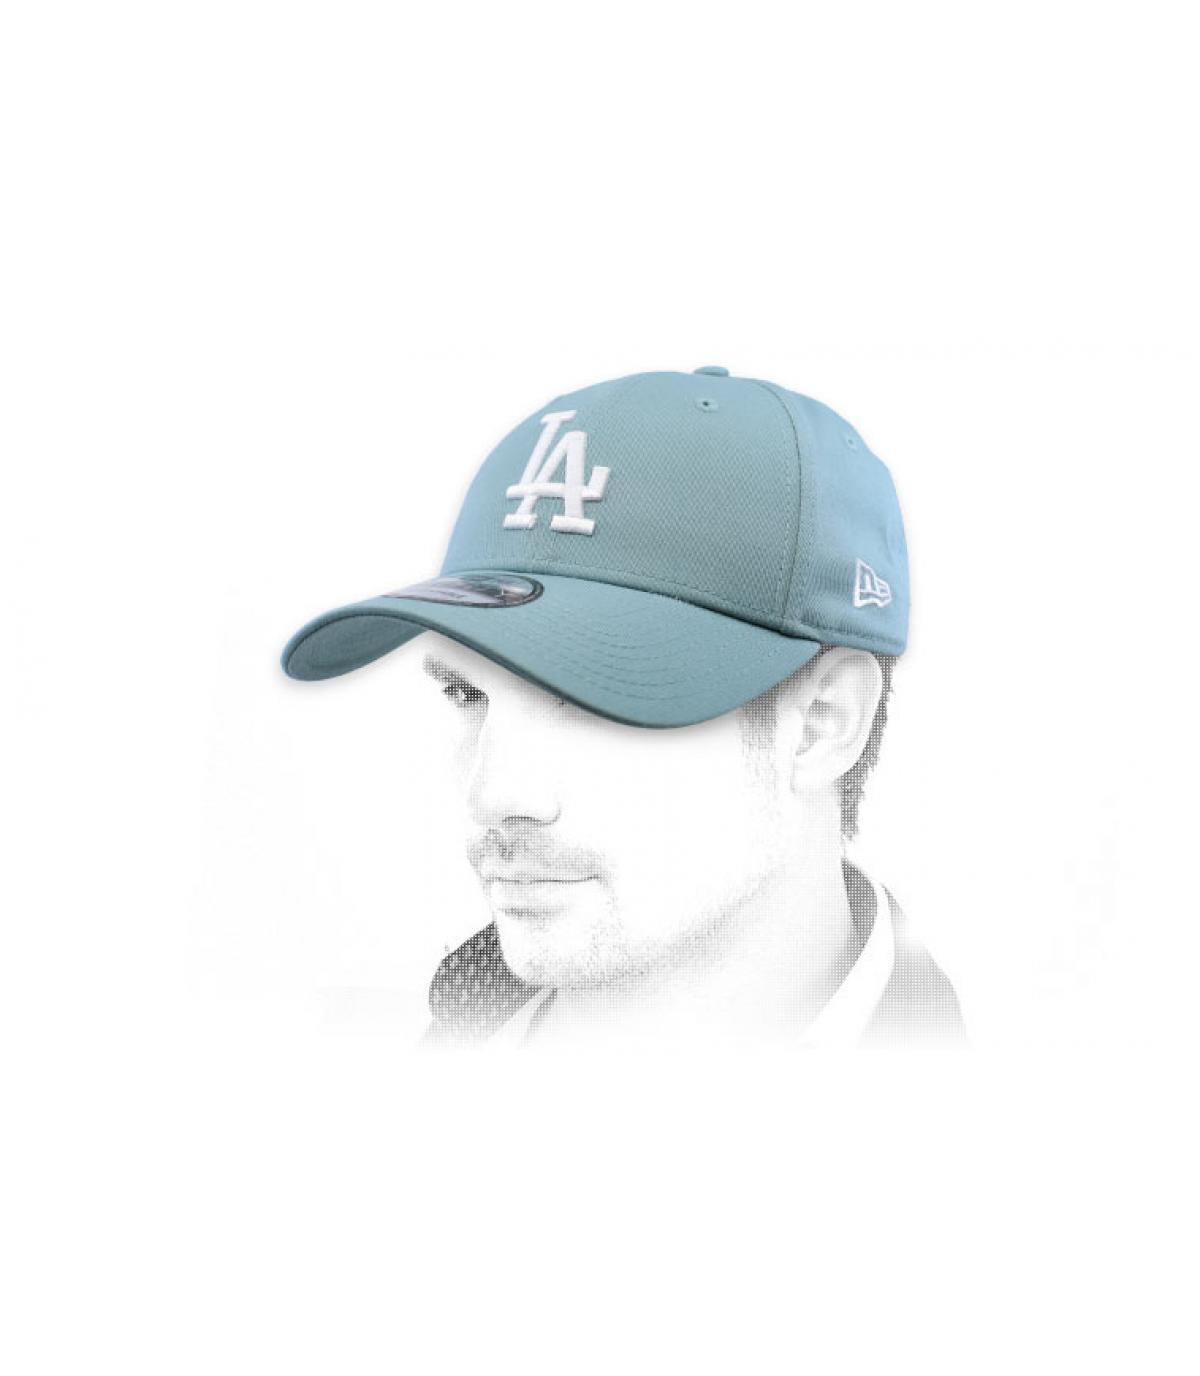 Cap LA blau